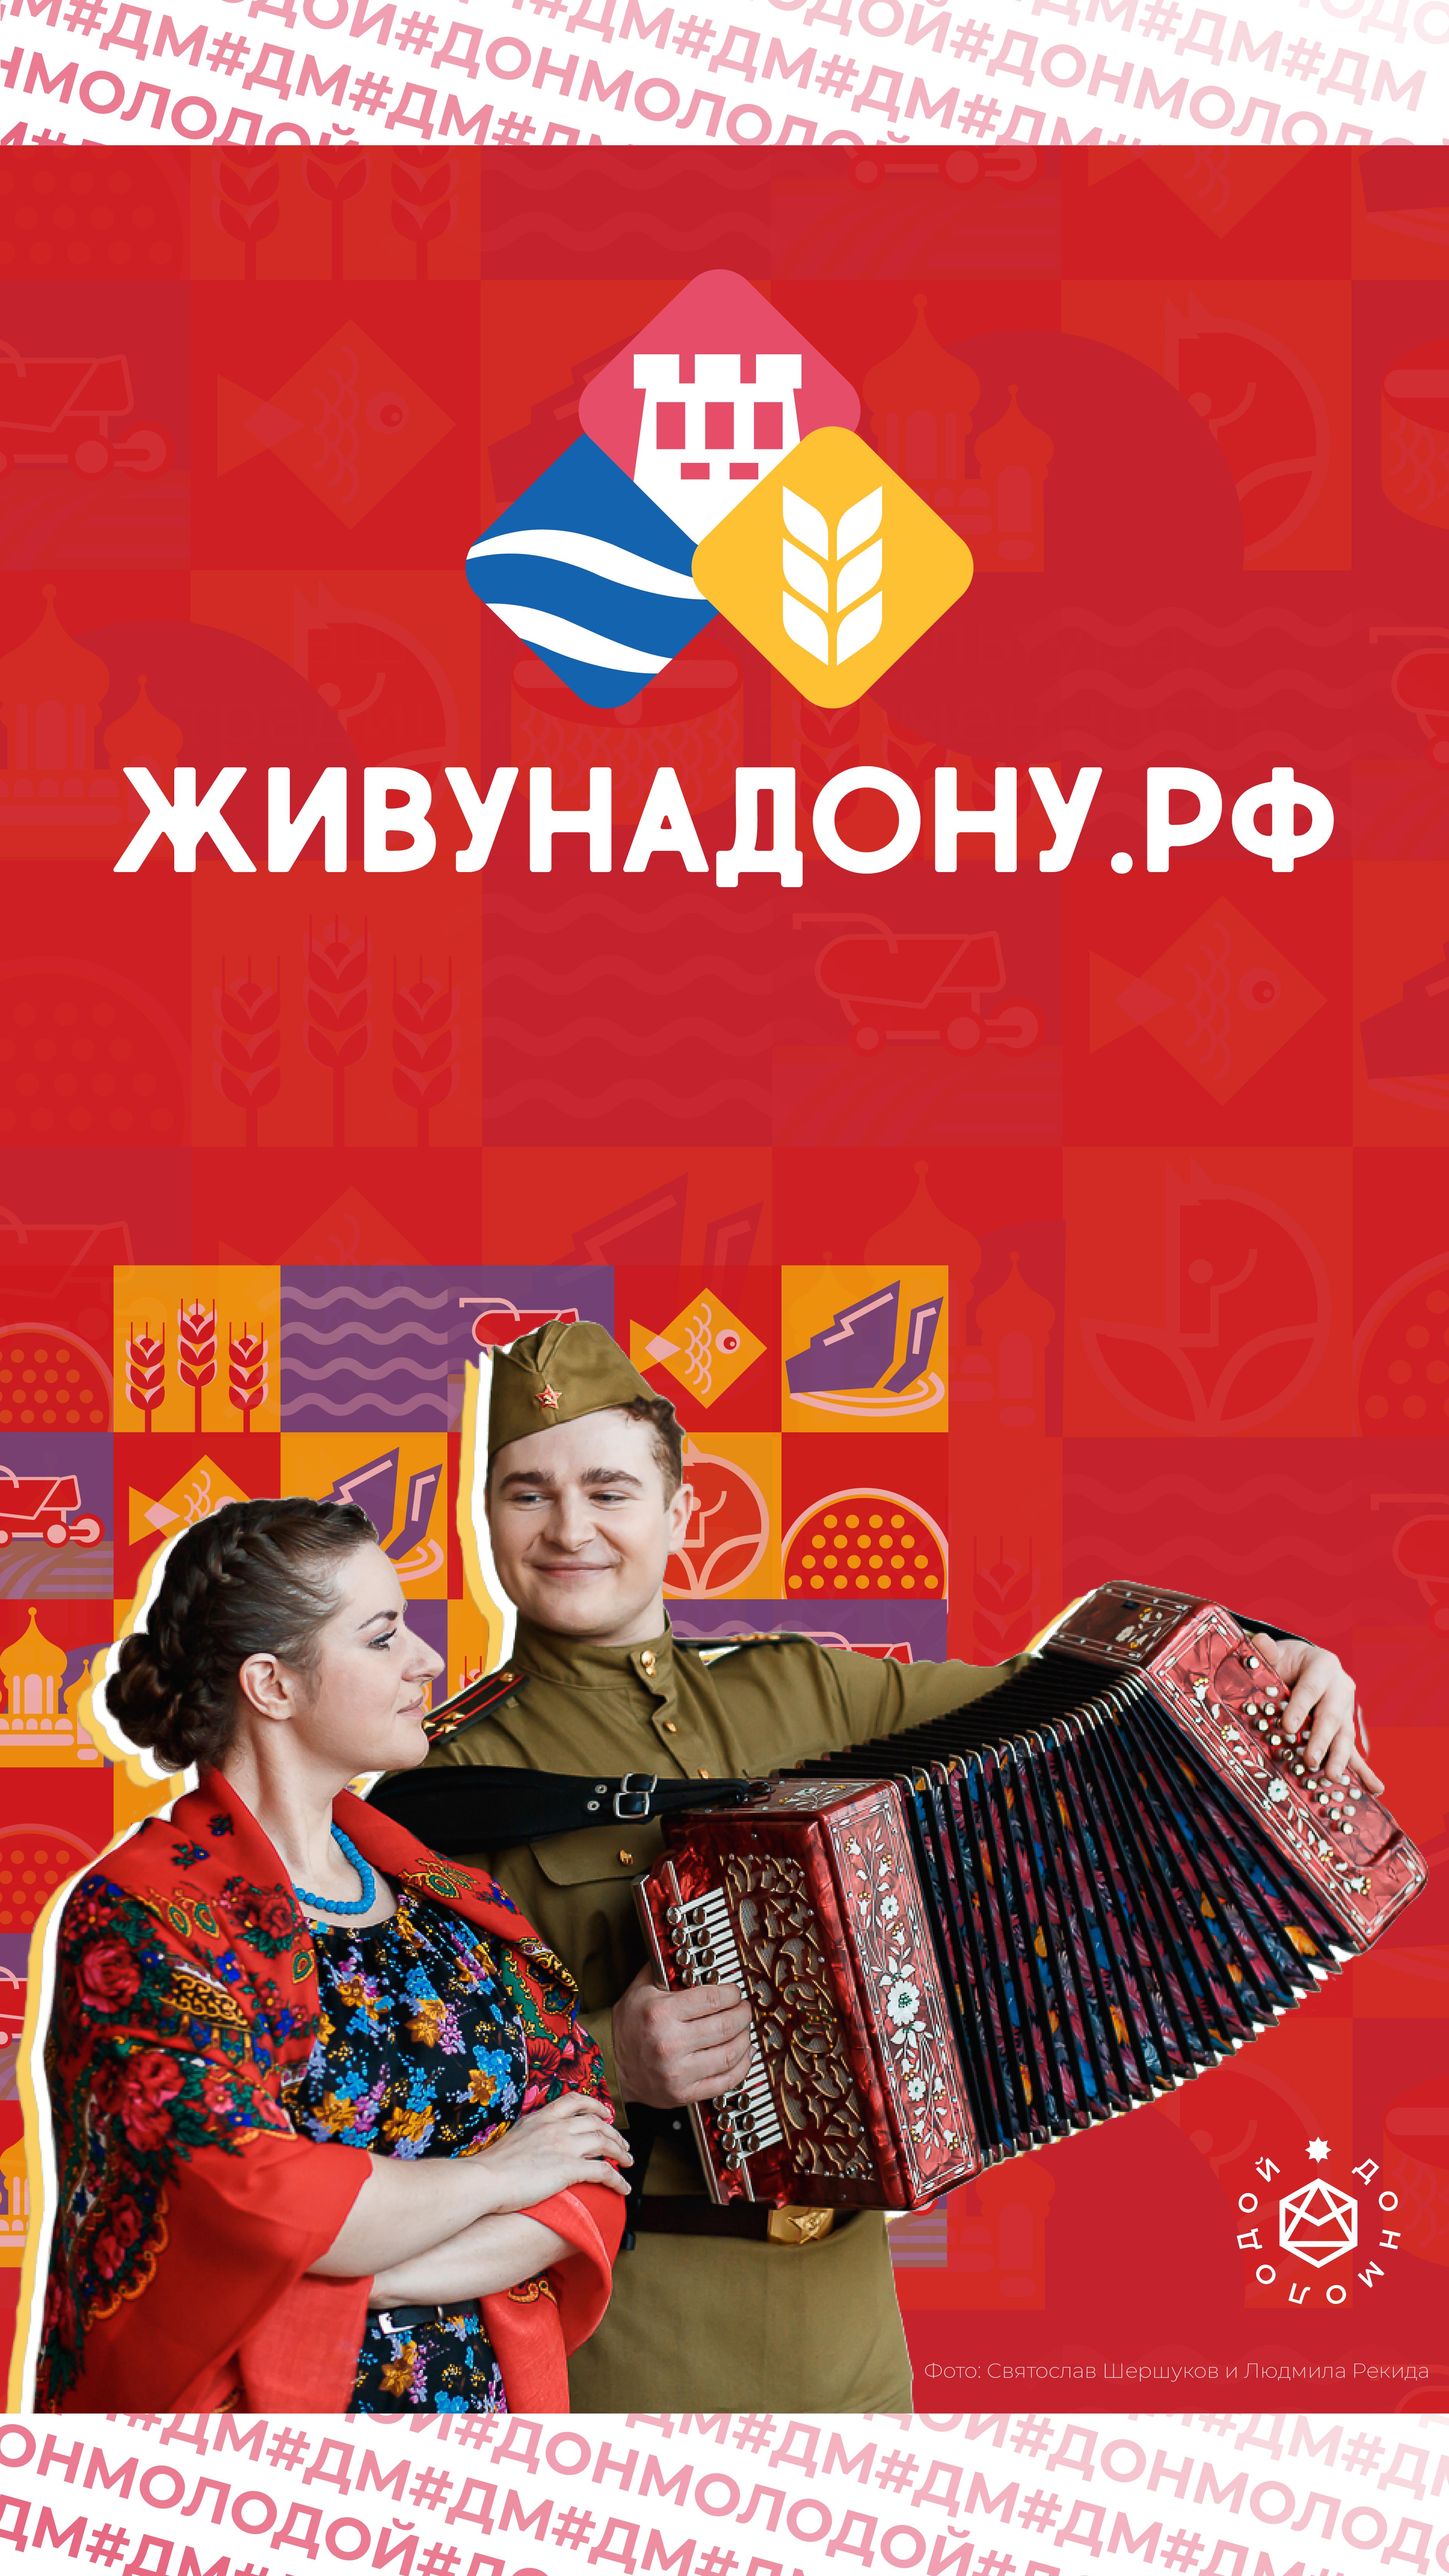 Портал ЖивунаДону.рф